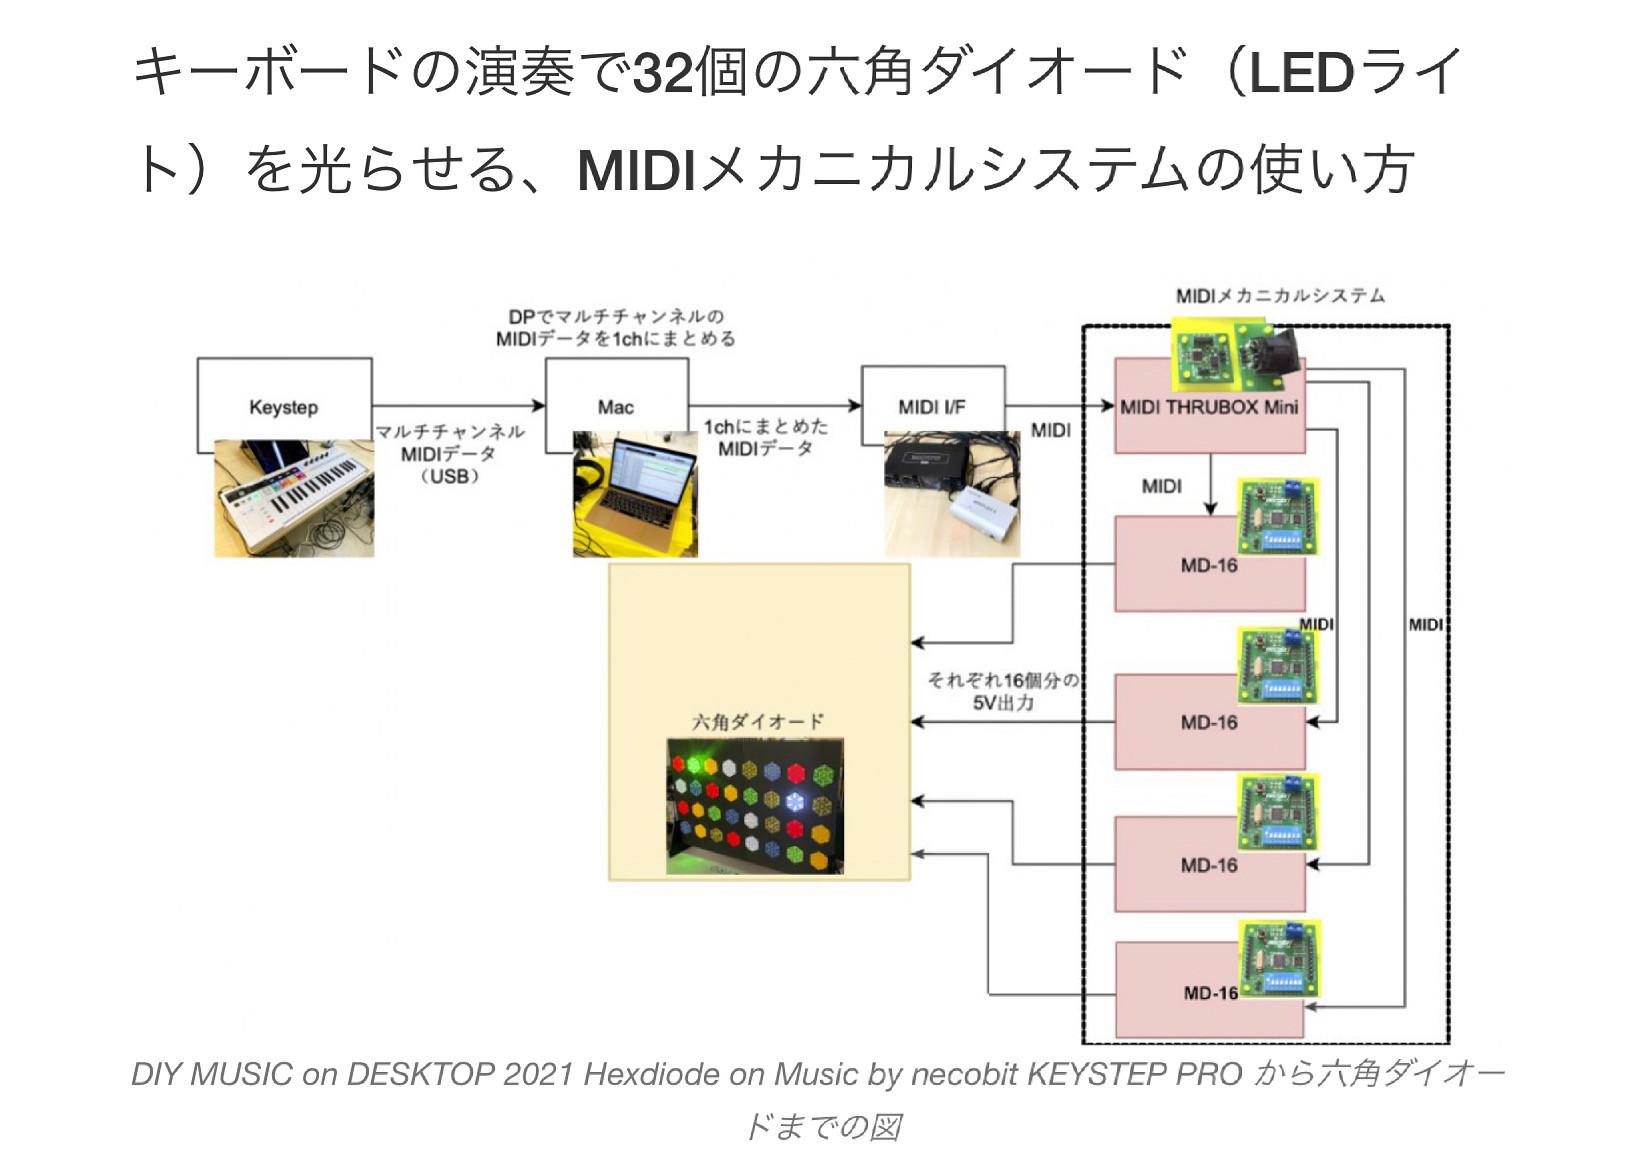 MIDI楽器の演奏でLEDを光らせる!MD-16の使い方解説